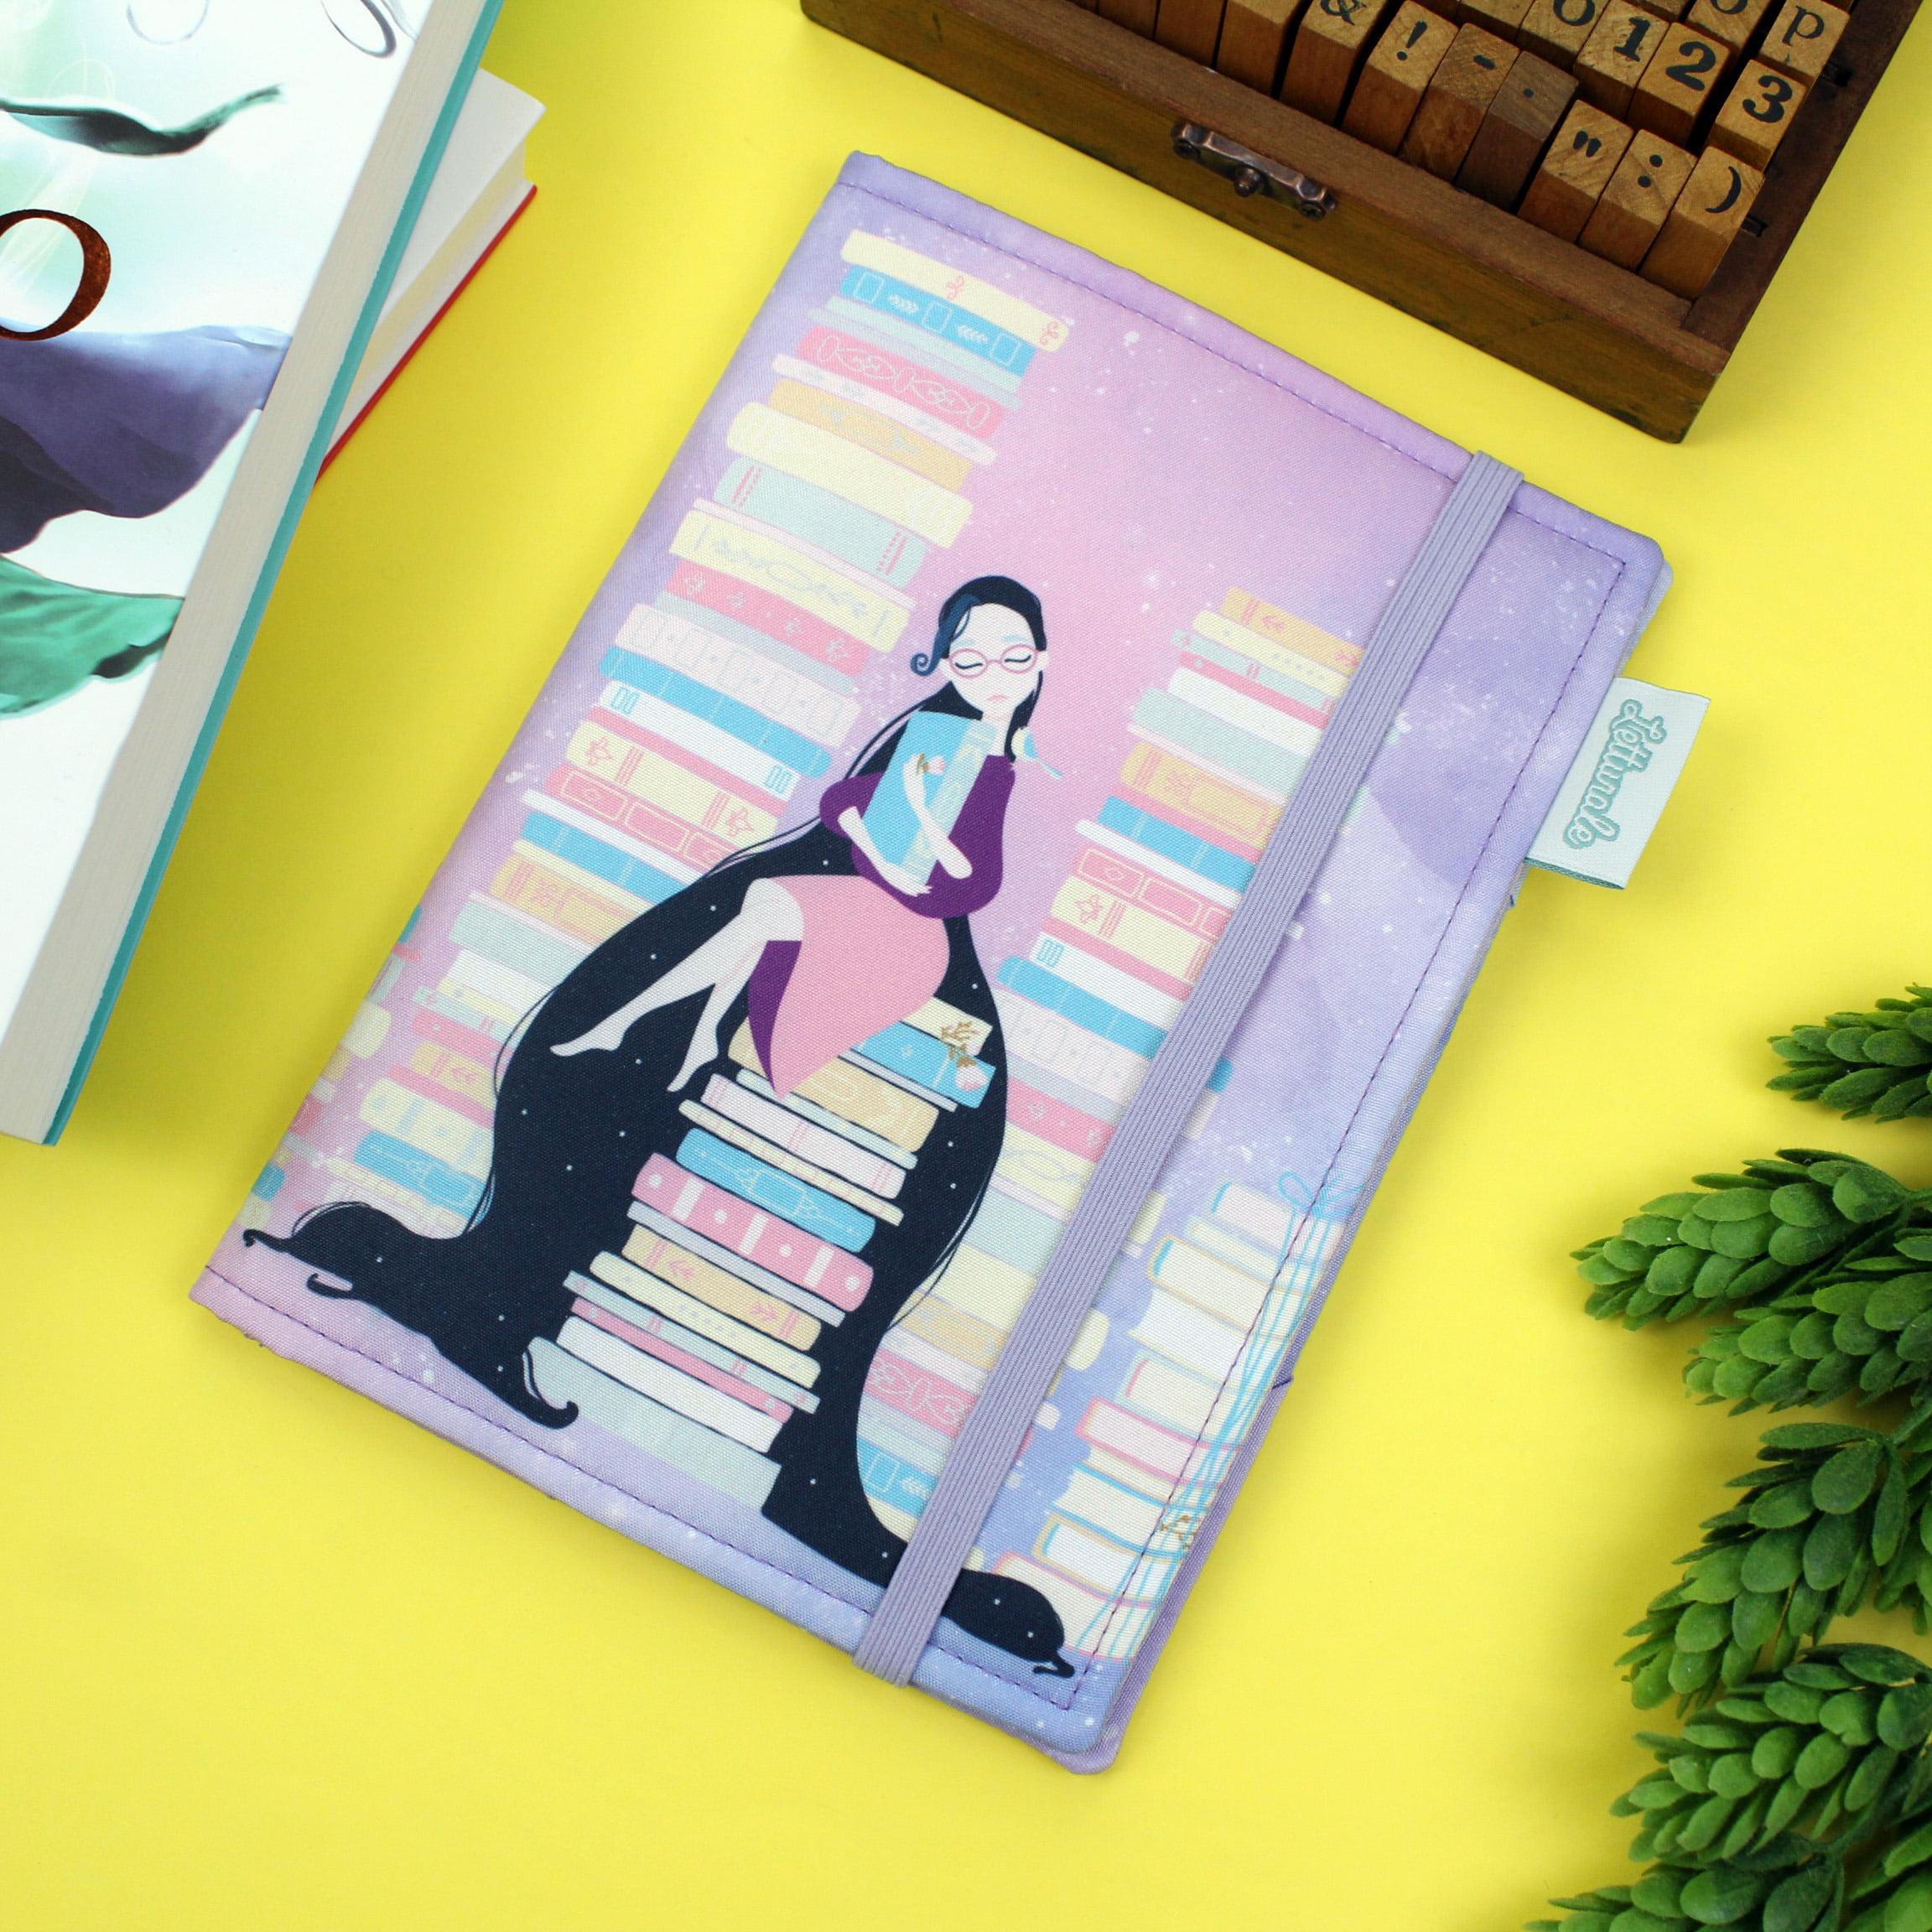 Capa para Kindle PaperWhite Galáxia de Livros - PRAZO DE PRODUÇÃO: 15 DIAS ÚTEIS